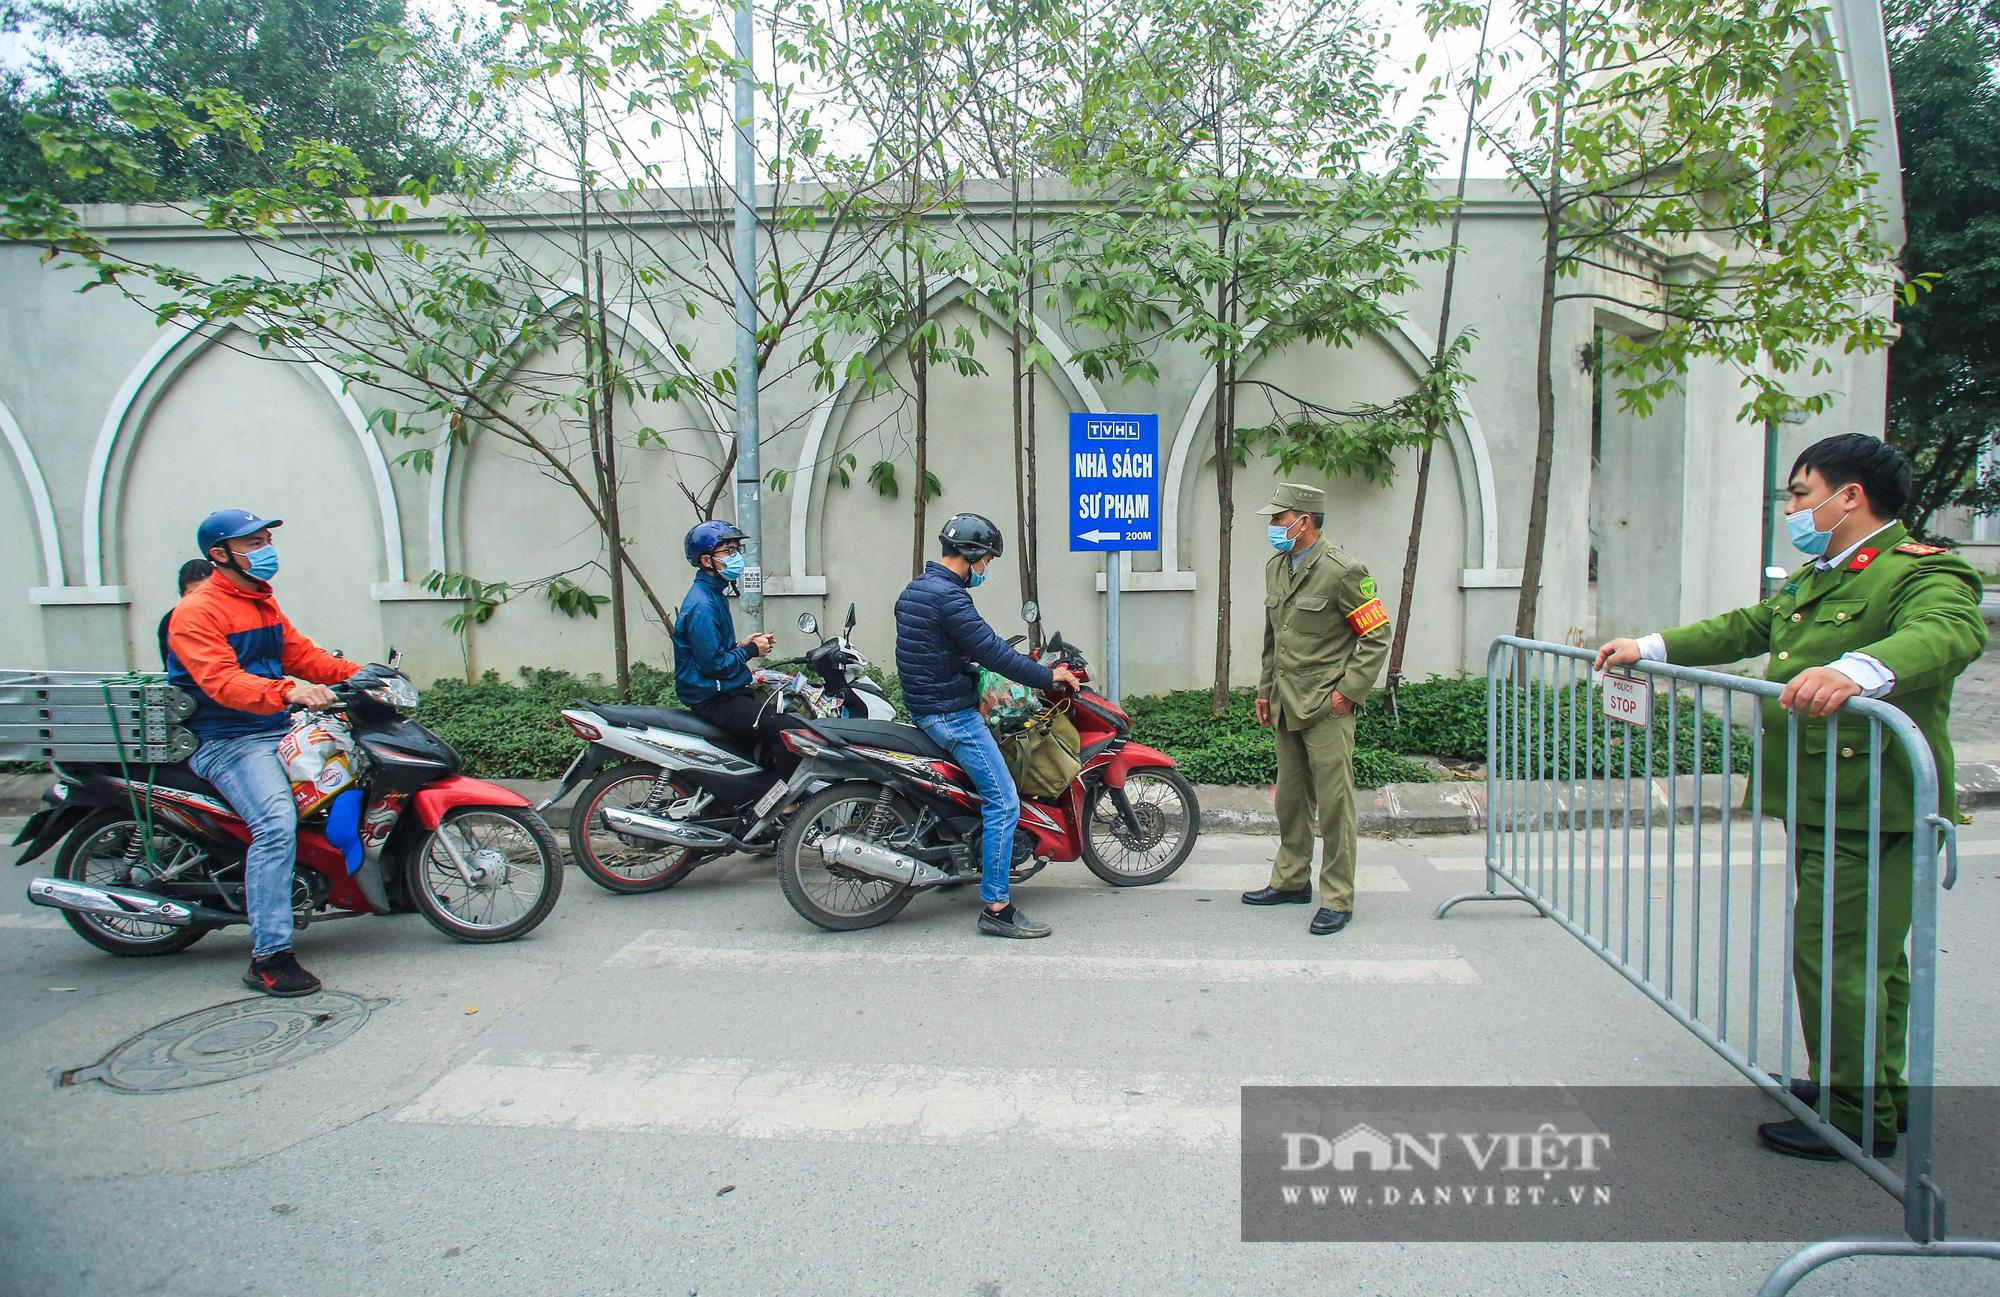 Mang mỳ tôm, bim bim cho các em học sinh bị cách ly tại trường tiểu học Xuân Phương - Ảnh 6.